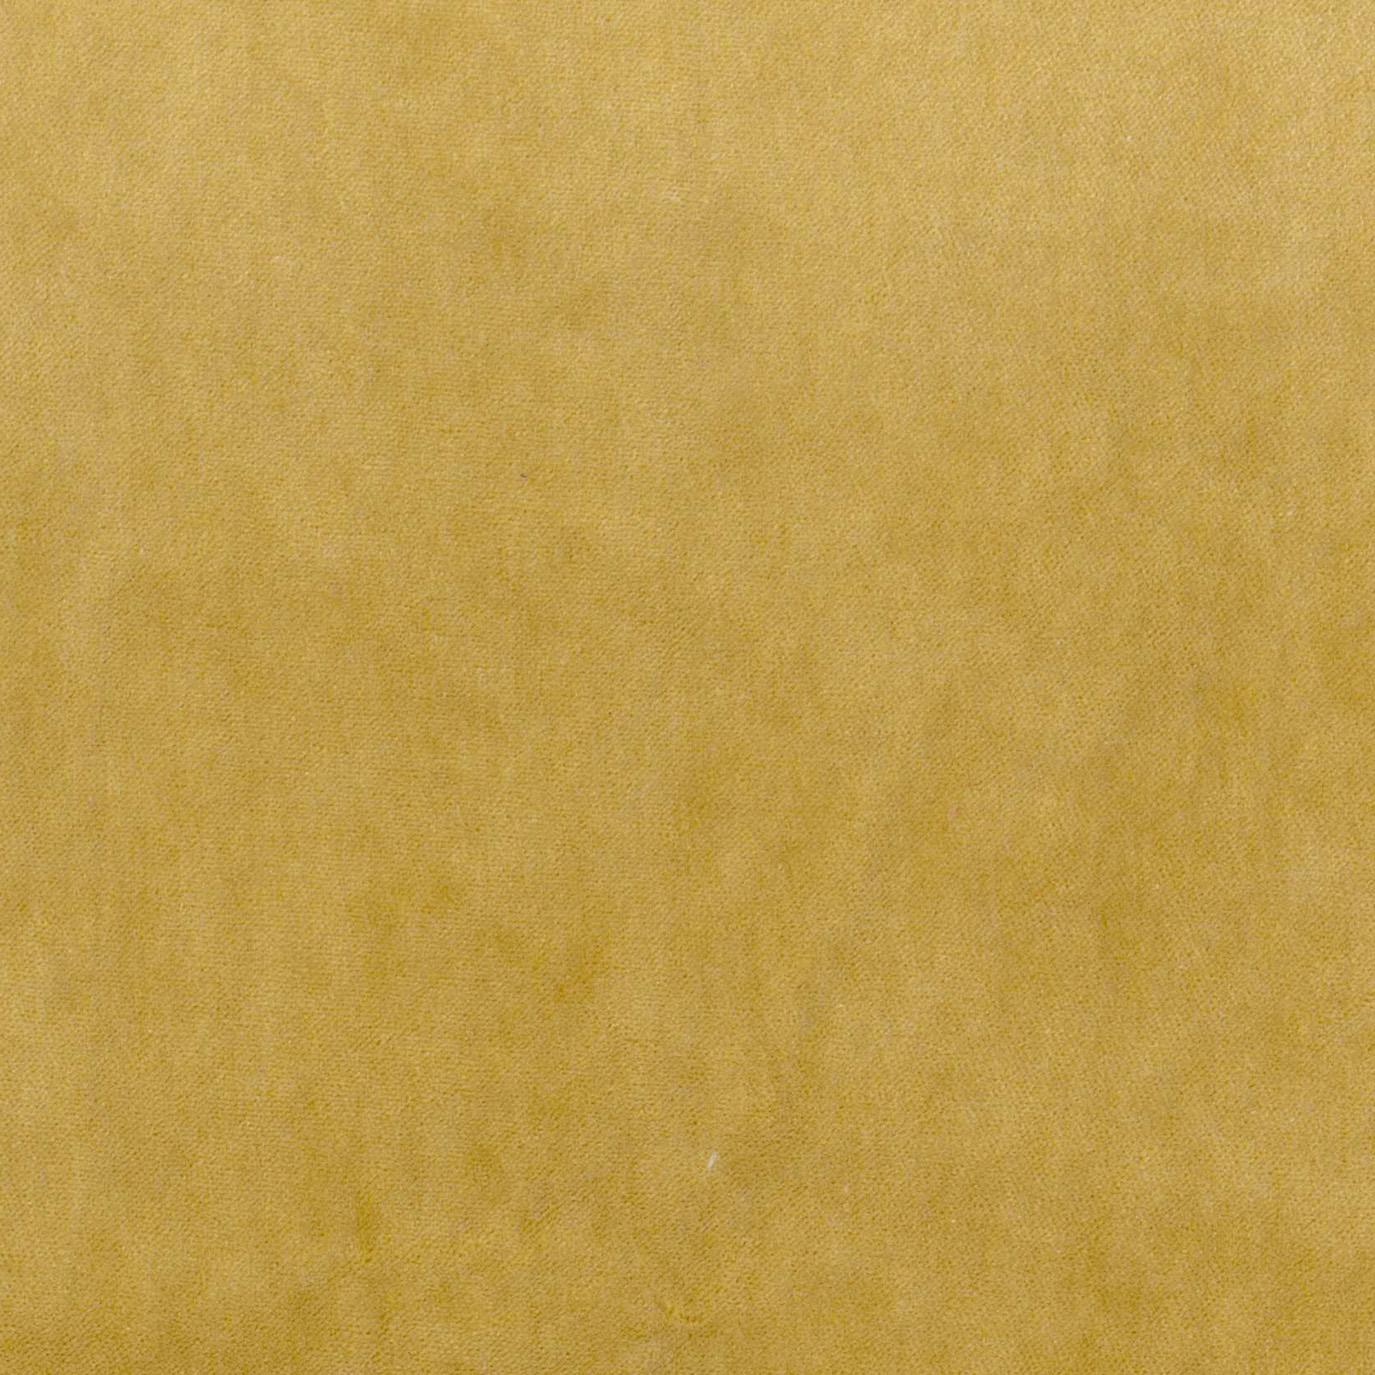 4 Malibu velvet yellow